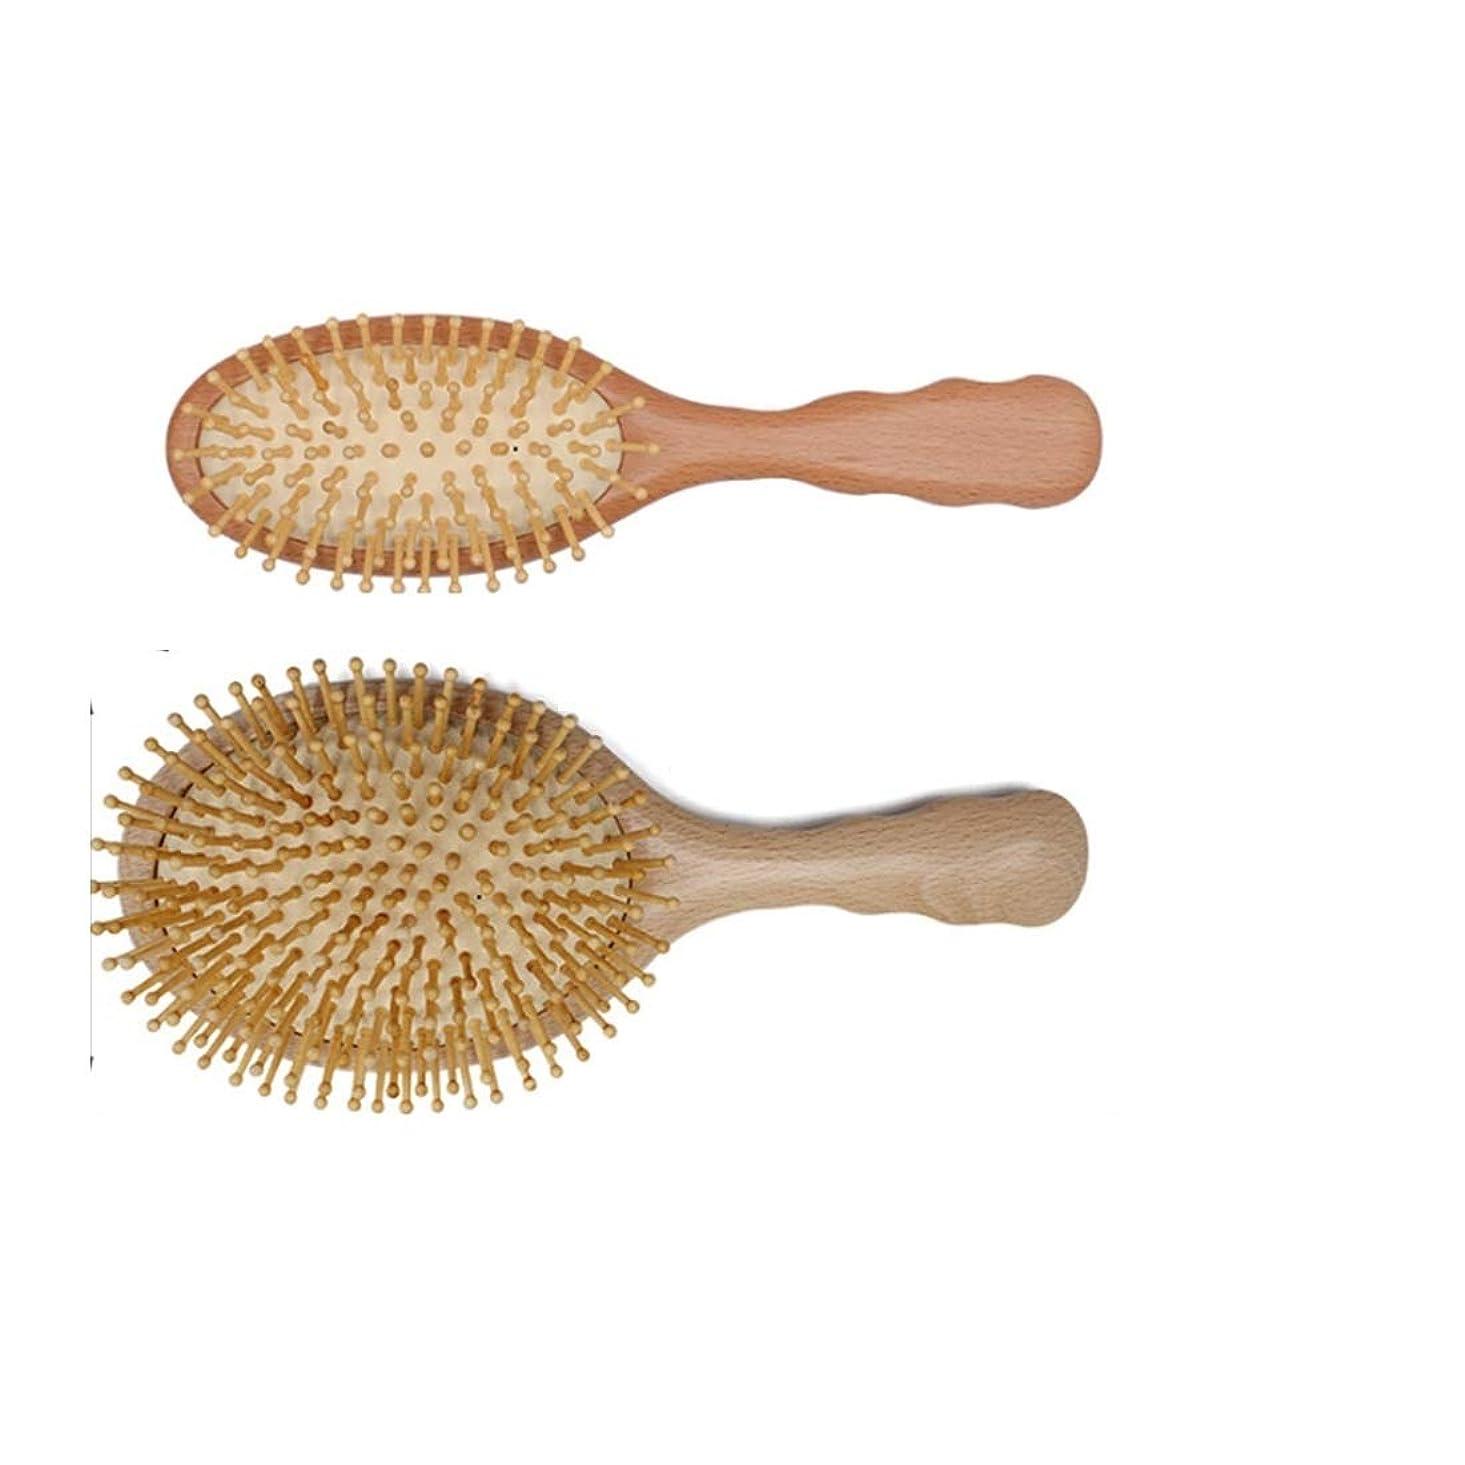 ソフィー責め名義で人および女性のための木の剛毛のマッサージの頭皮の櫛が付いている10インチの天然木のゴム製ヘア?ブラシ モデリングツール (サイズ : S)